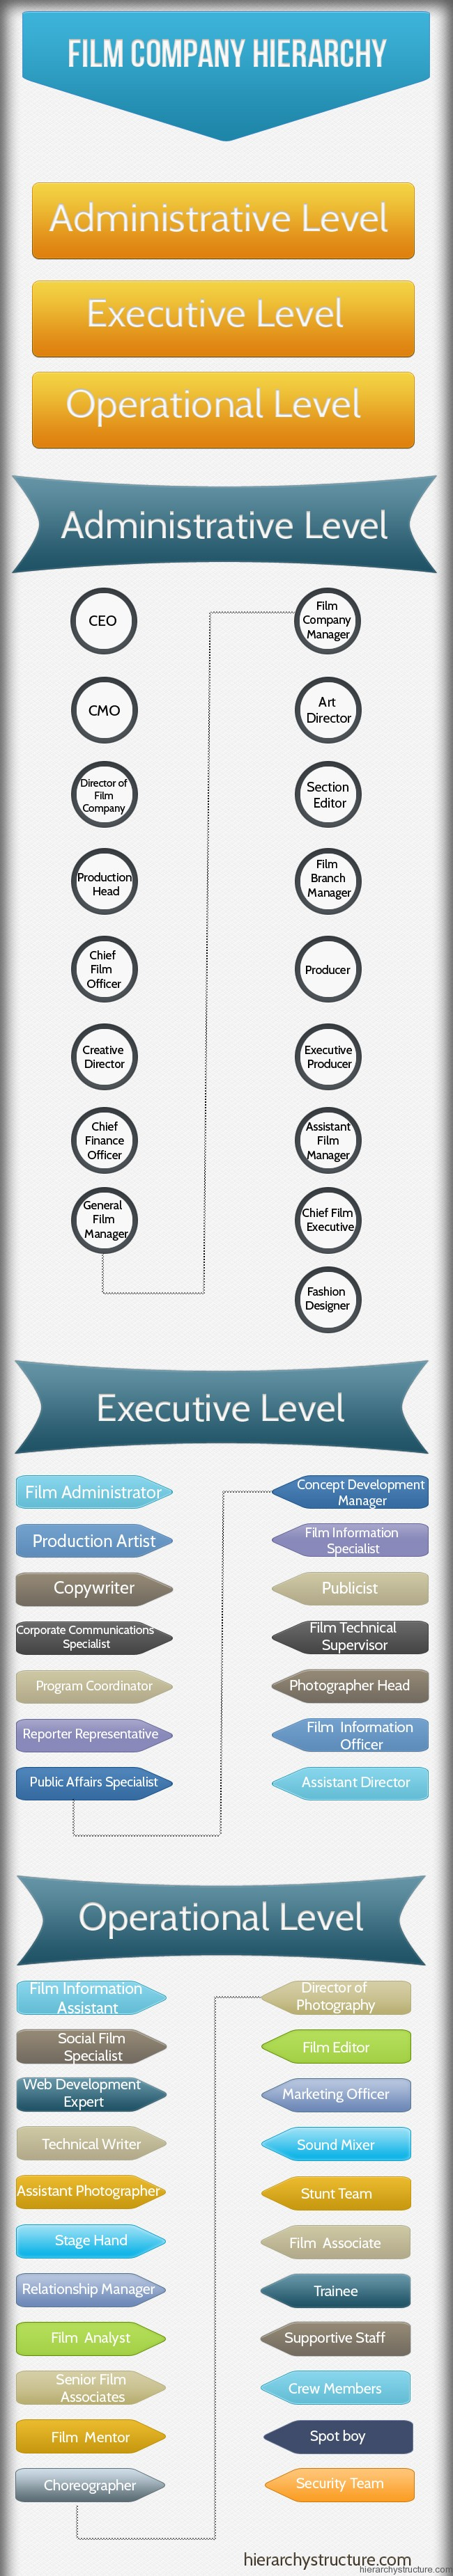 Film Production Company Hierarchy Hierarchystructurecom